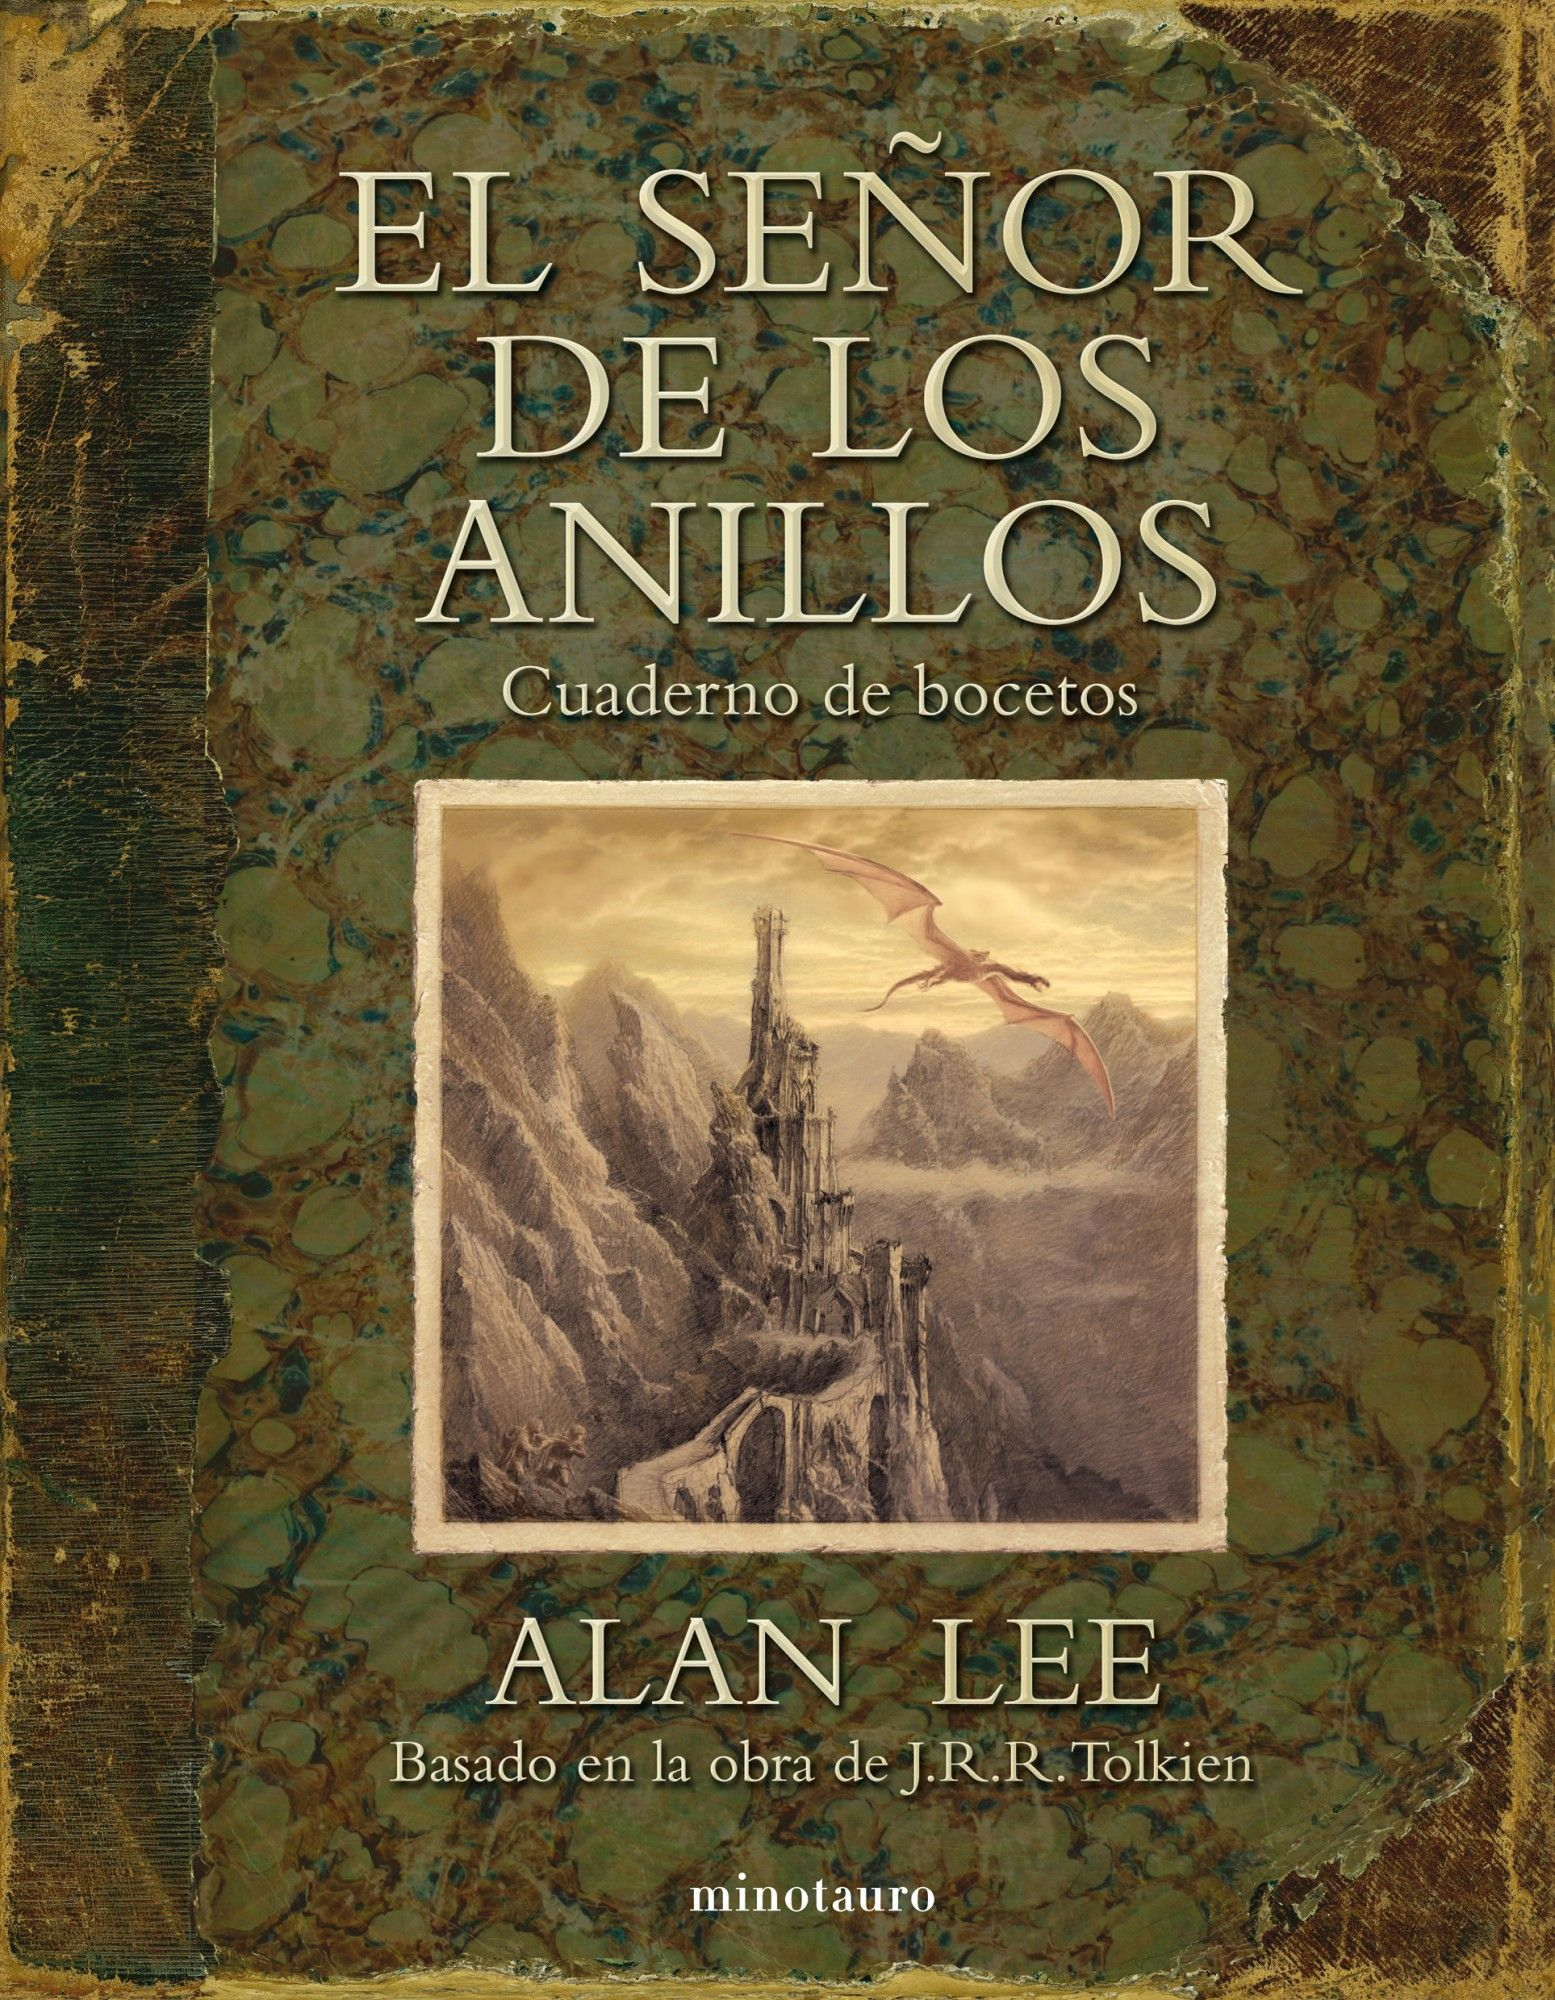 El Senor De Los Anillos Cuaderno De Bocetos Minotauro Sketch Book Lord Of The Rings Alan Lee